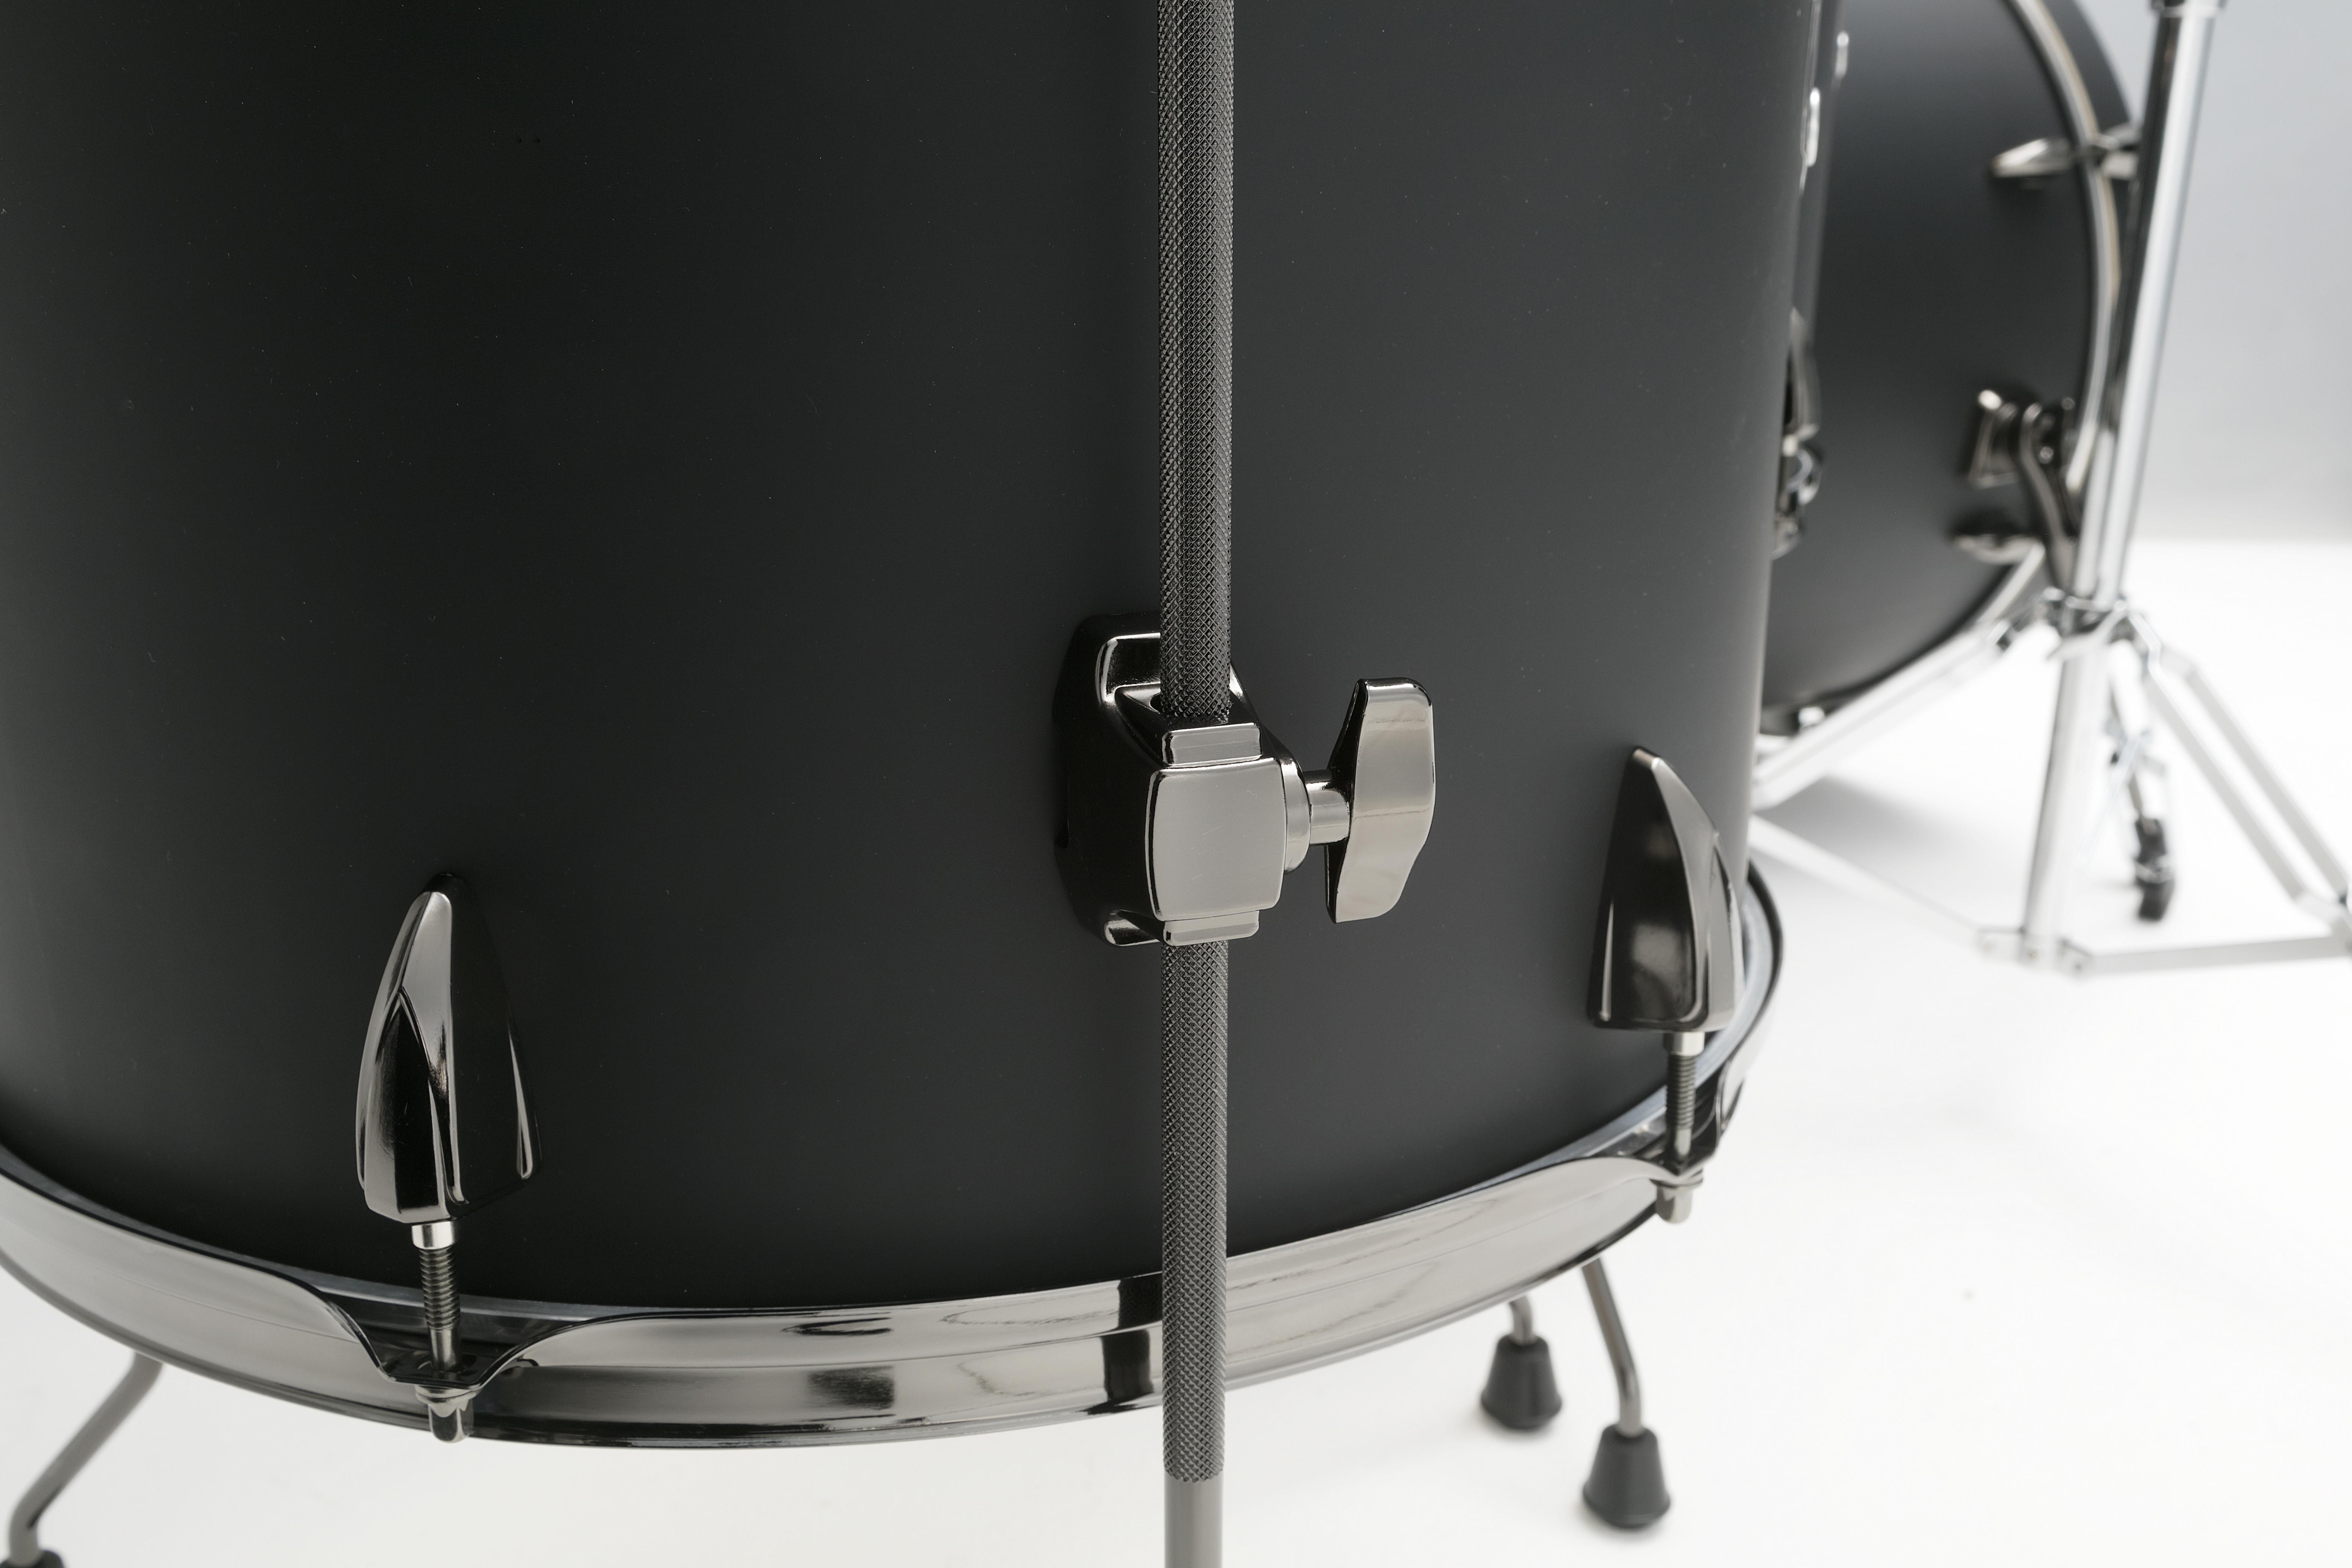 Tama Imperialstar Limited Edition black